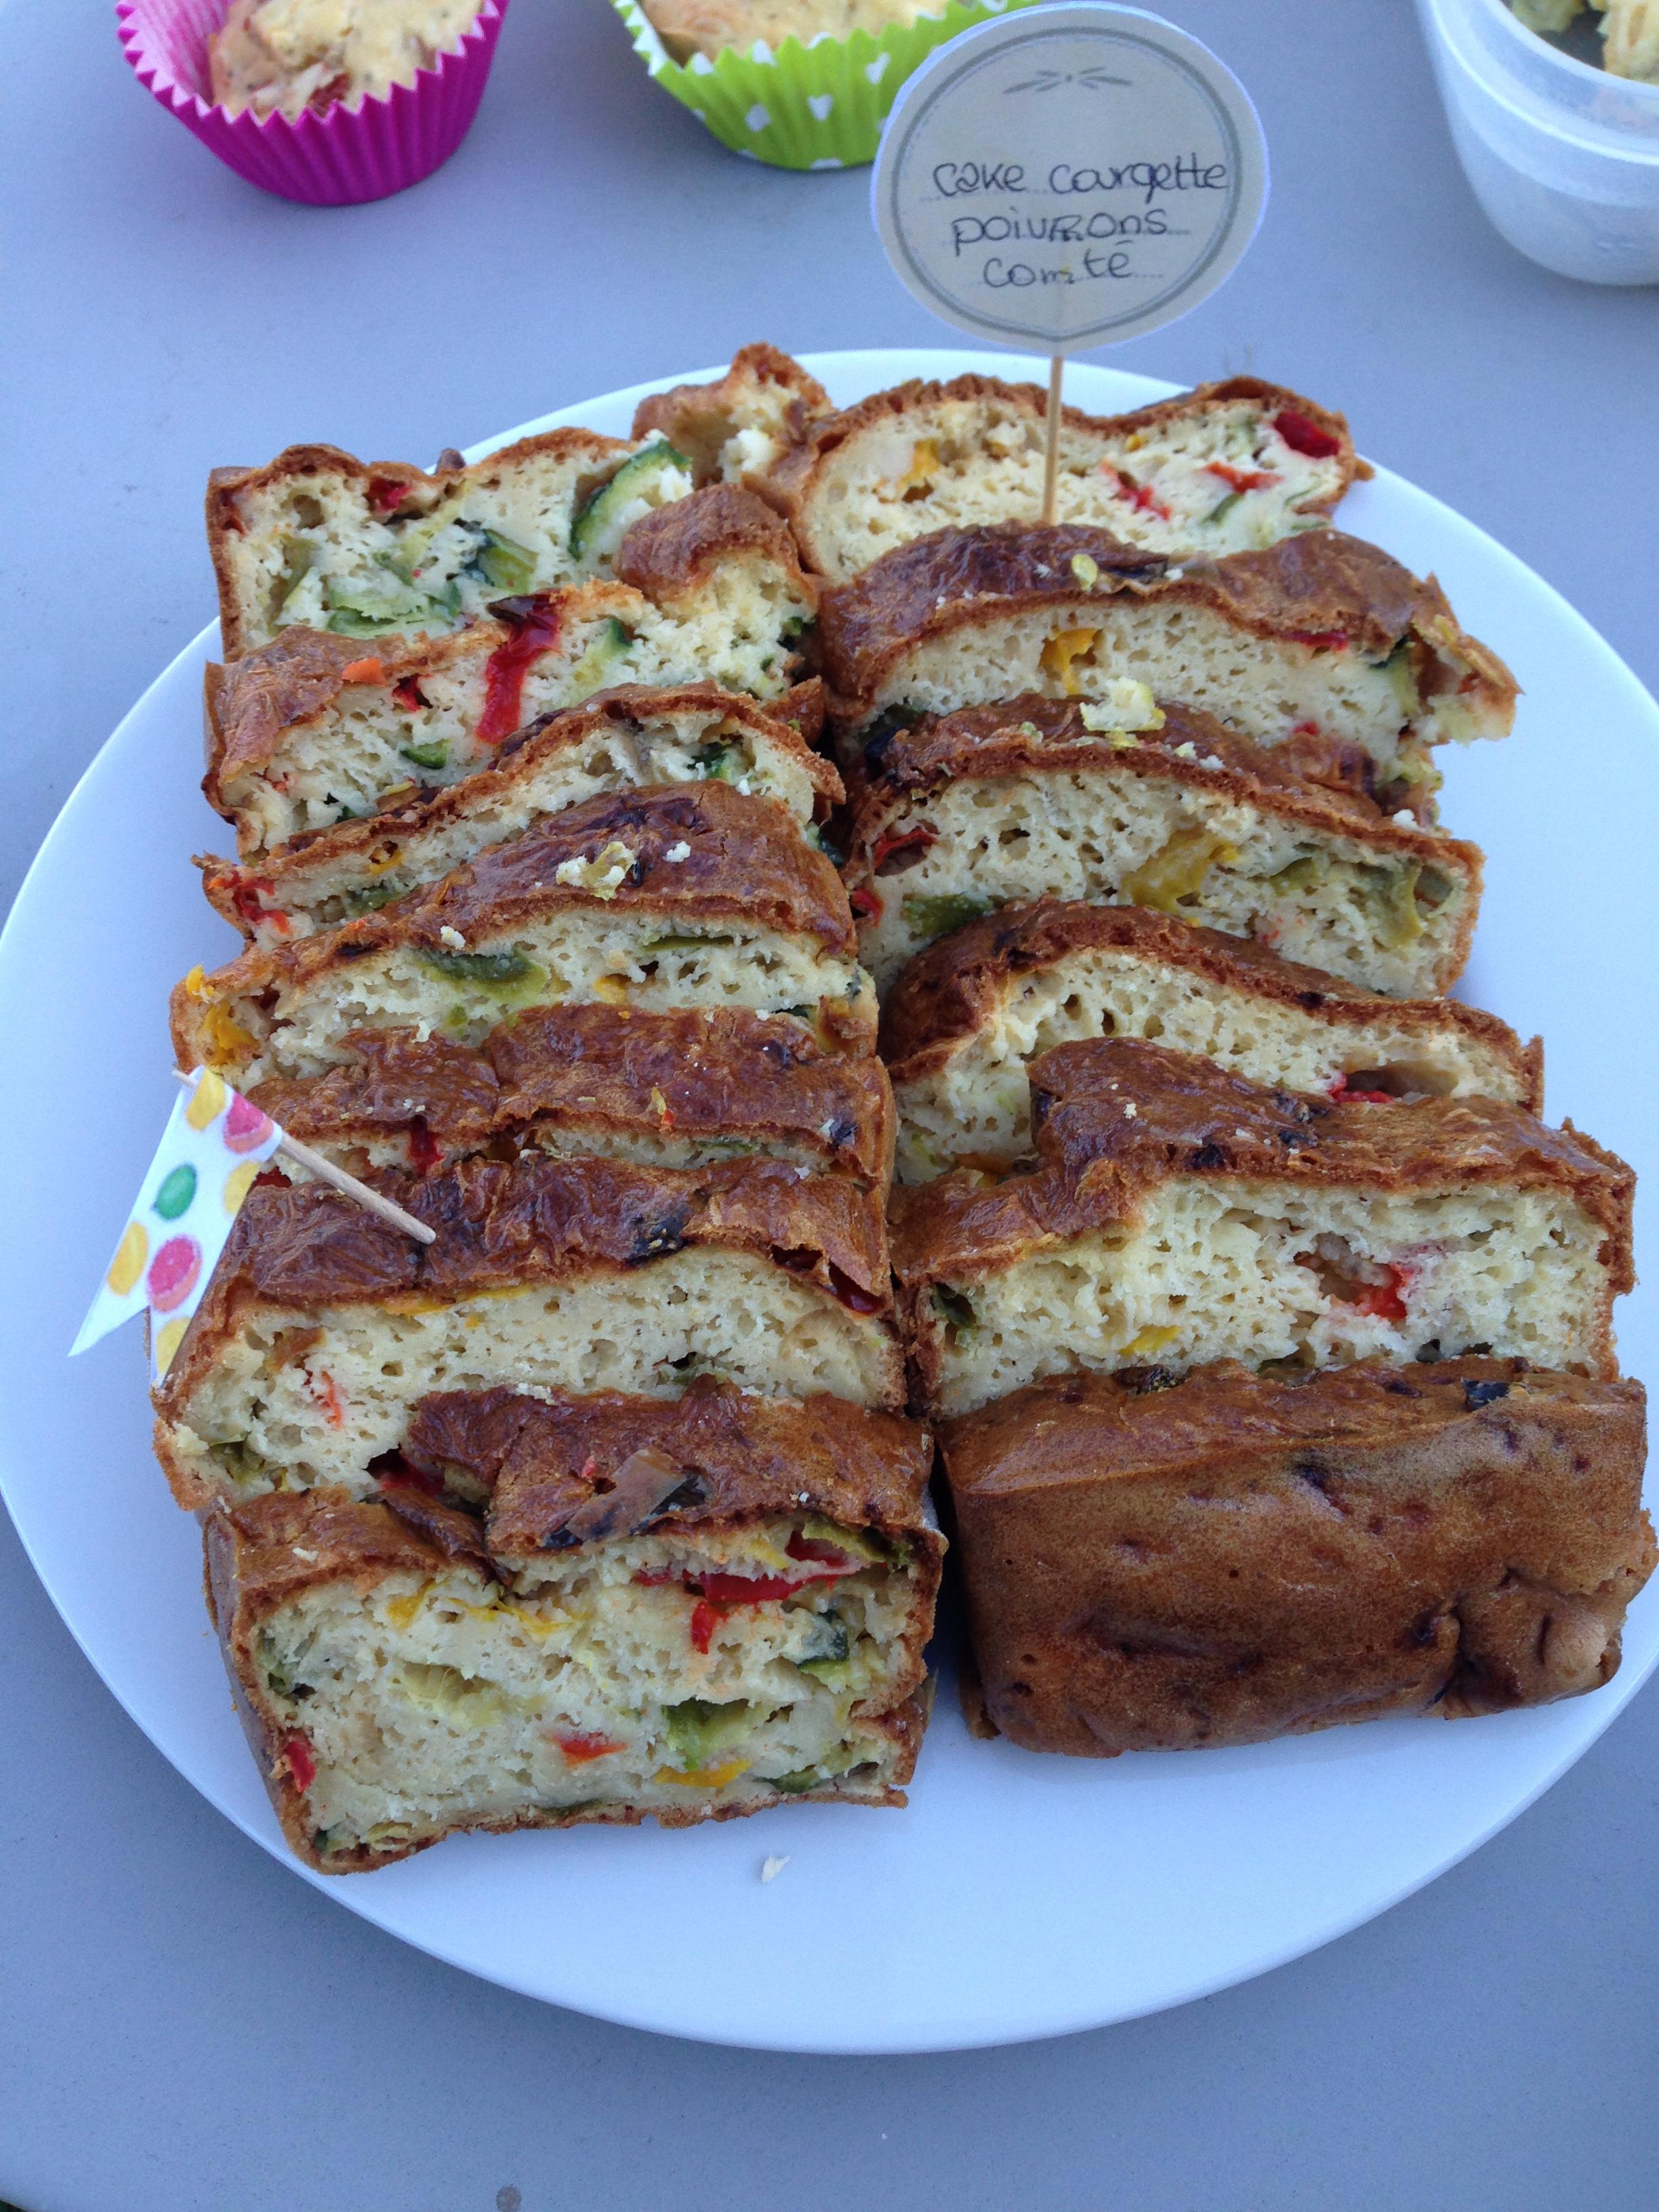 Cake poivron/courgette/comté